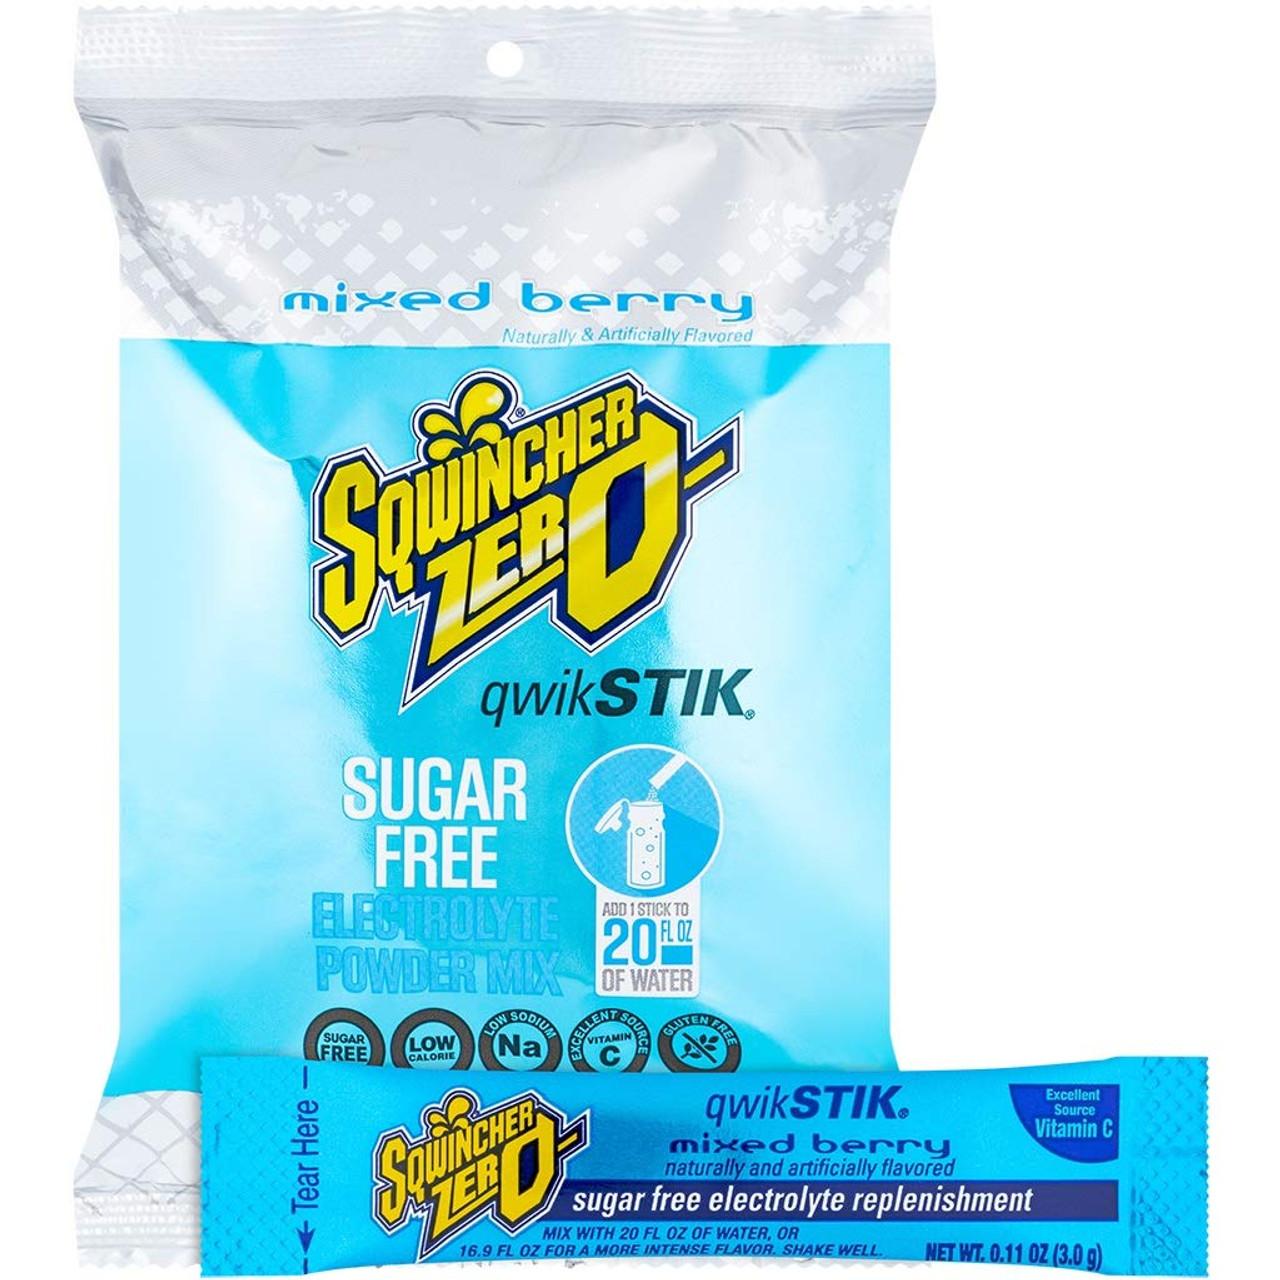 Sqwincher Zero Qwik Stik Sugar Free, Mixed Berry, 16-20 0z (Pack of 50)